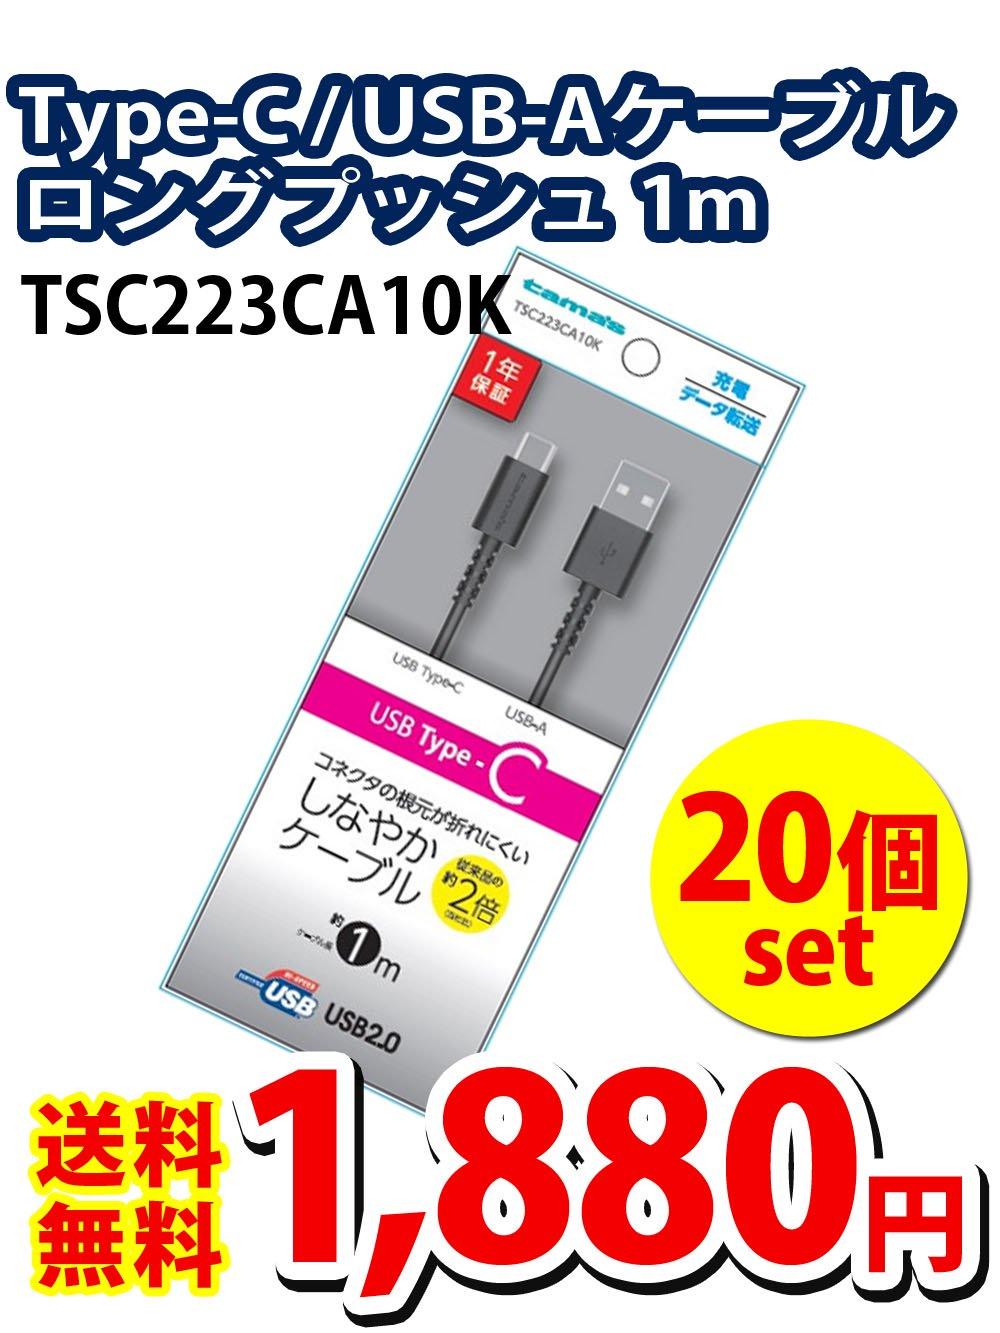 【送料無料】TTSC223CA10K C-USBA 1M BK【20個セット】1880円